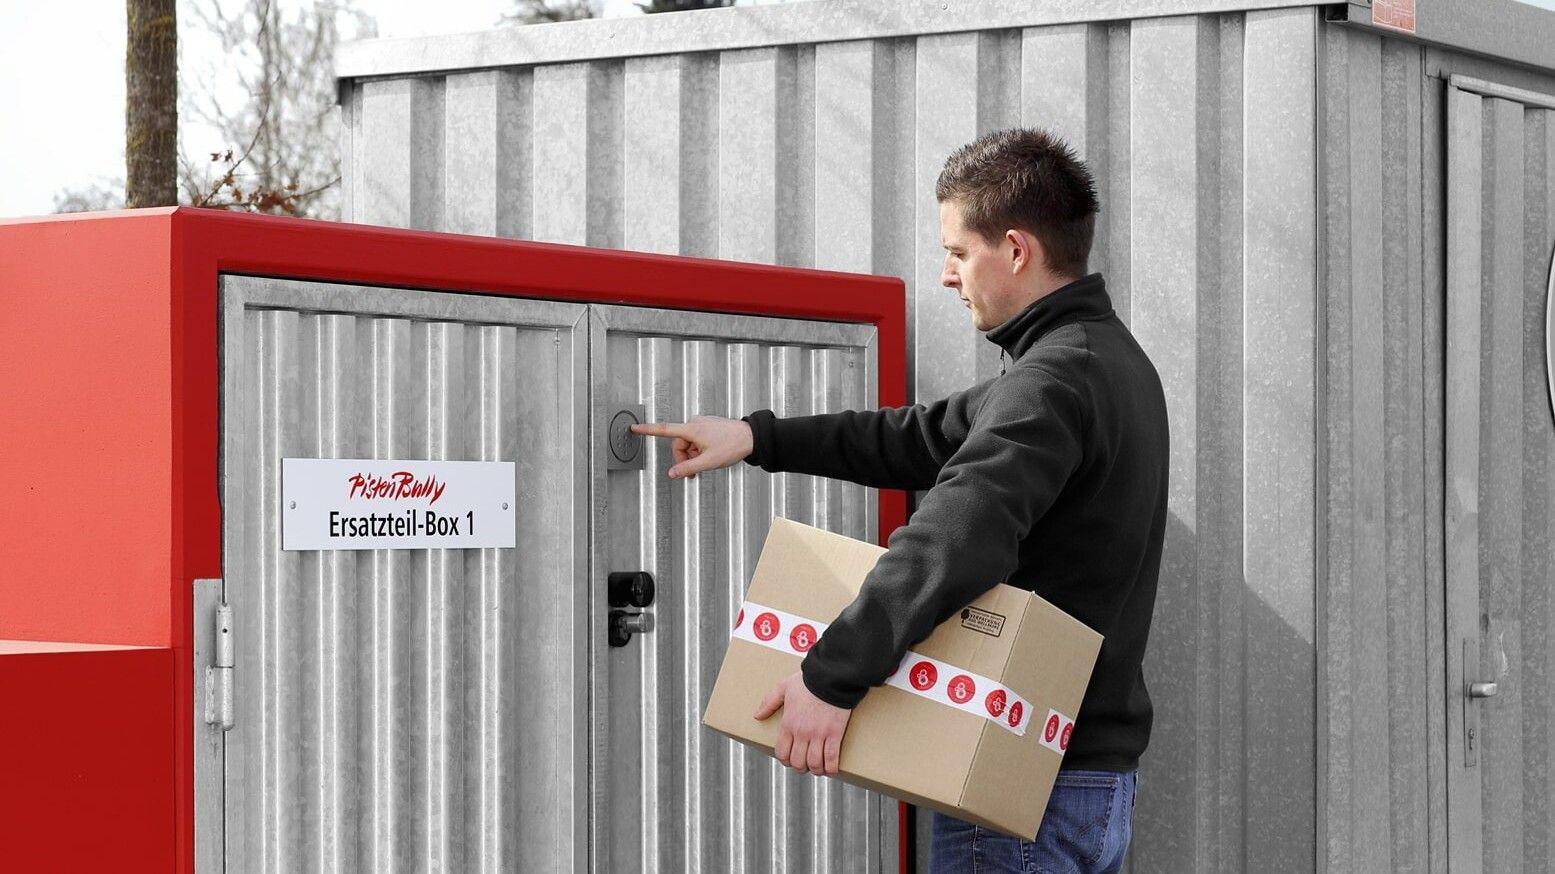 Einfach und kundenorientiert: mit einer individuellen Zahlenkombination kann der Fahrer sein Ersatzteil-Paket rund um die Uhr abholen.